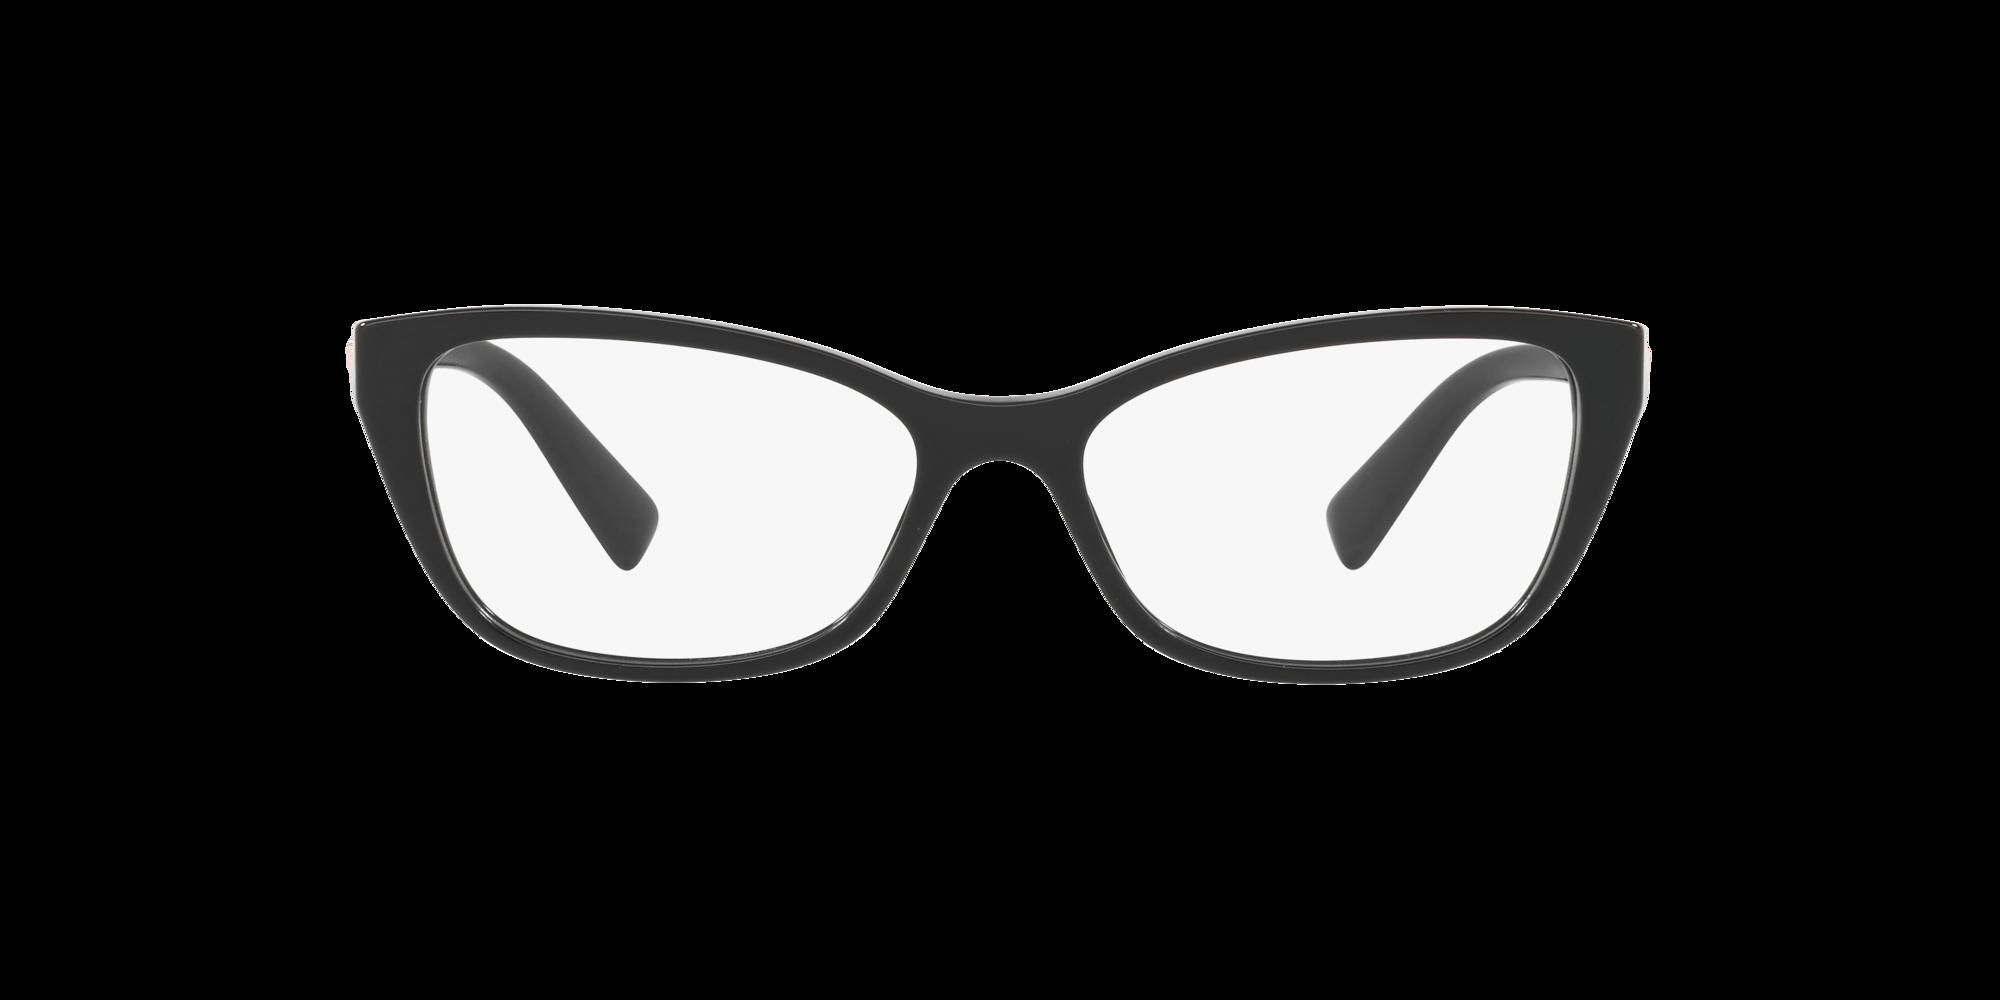 Imagen para VE3249 de LensCrafters |  Espejuelos, espejuelos graduados en línea, gafas